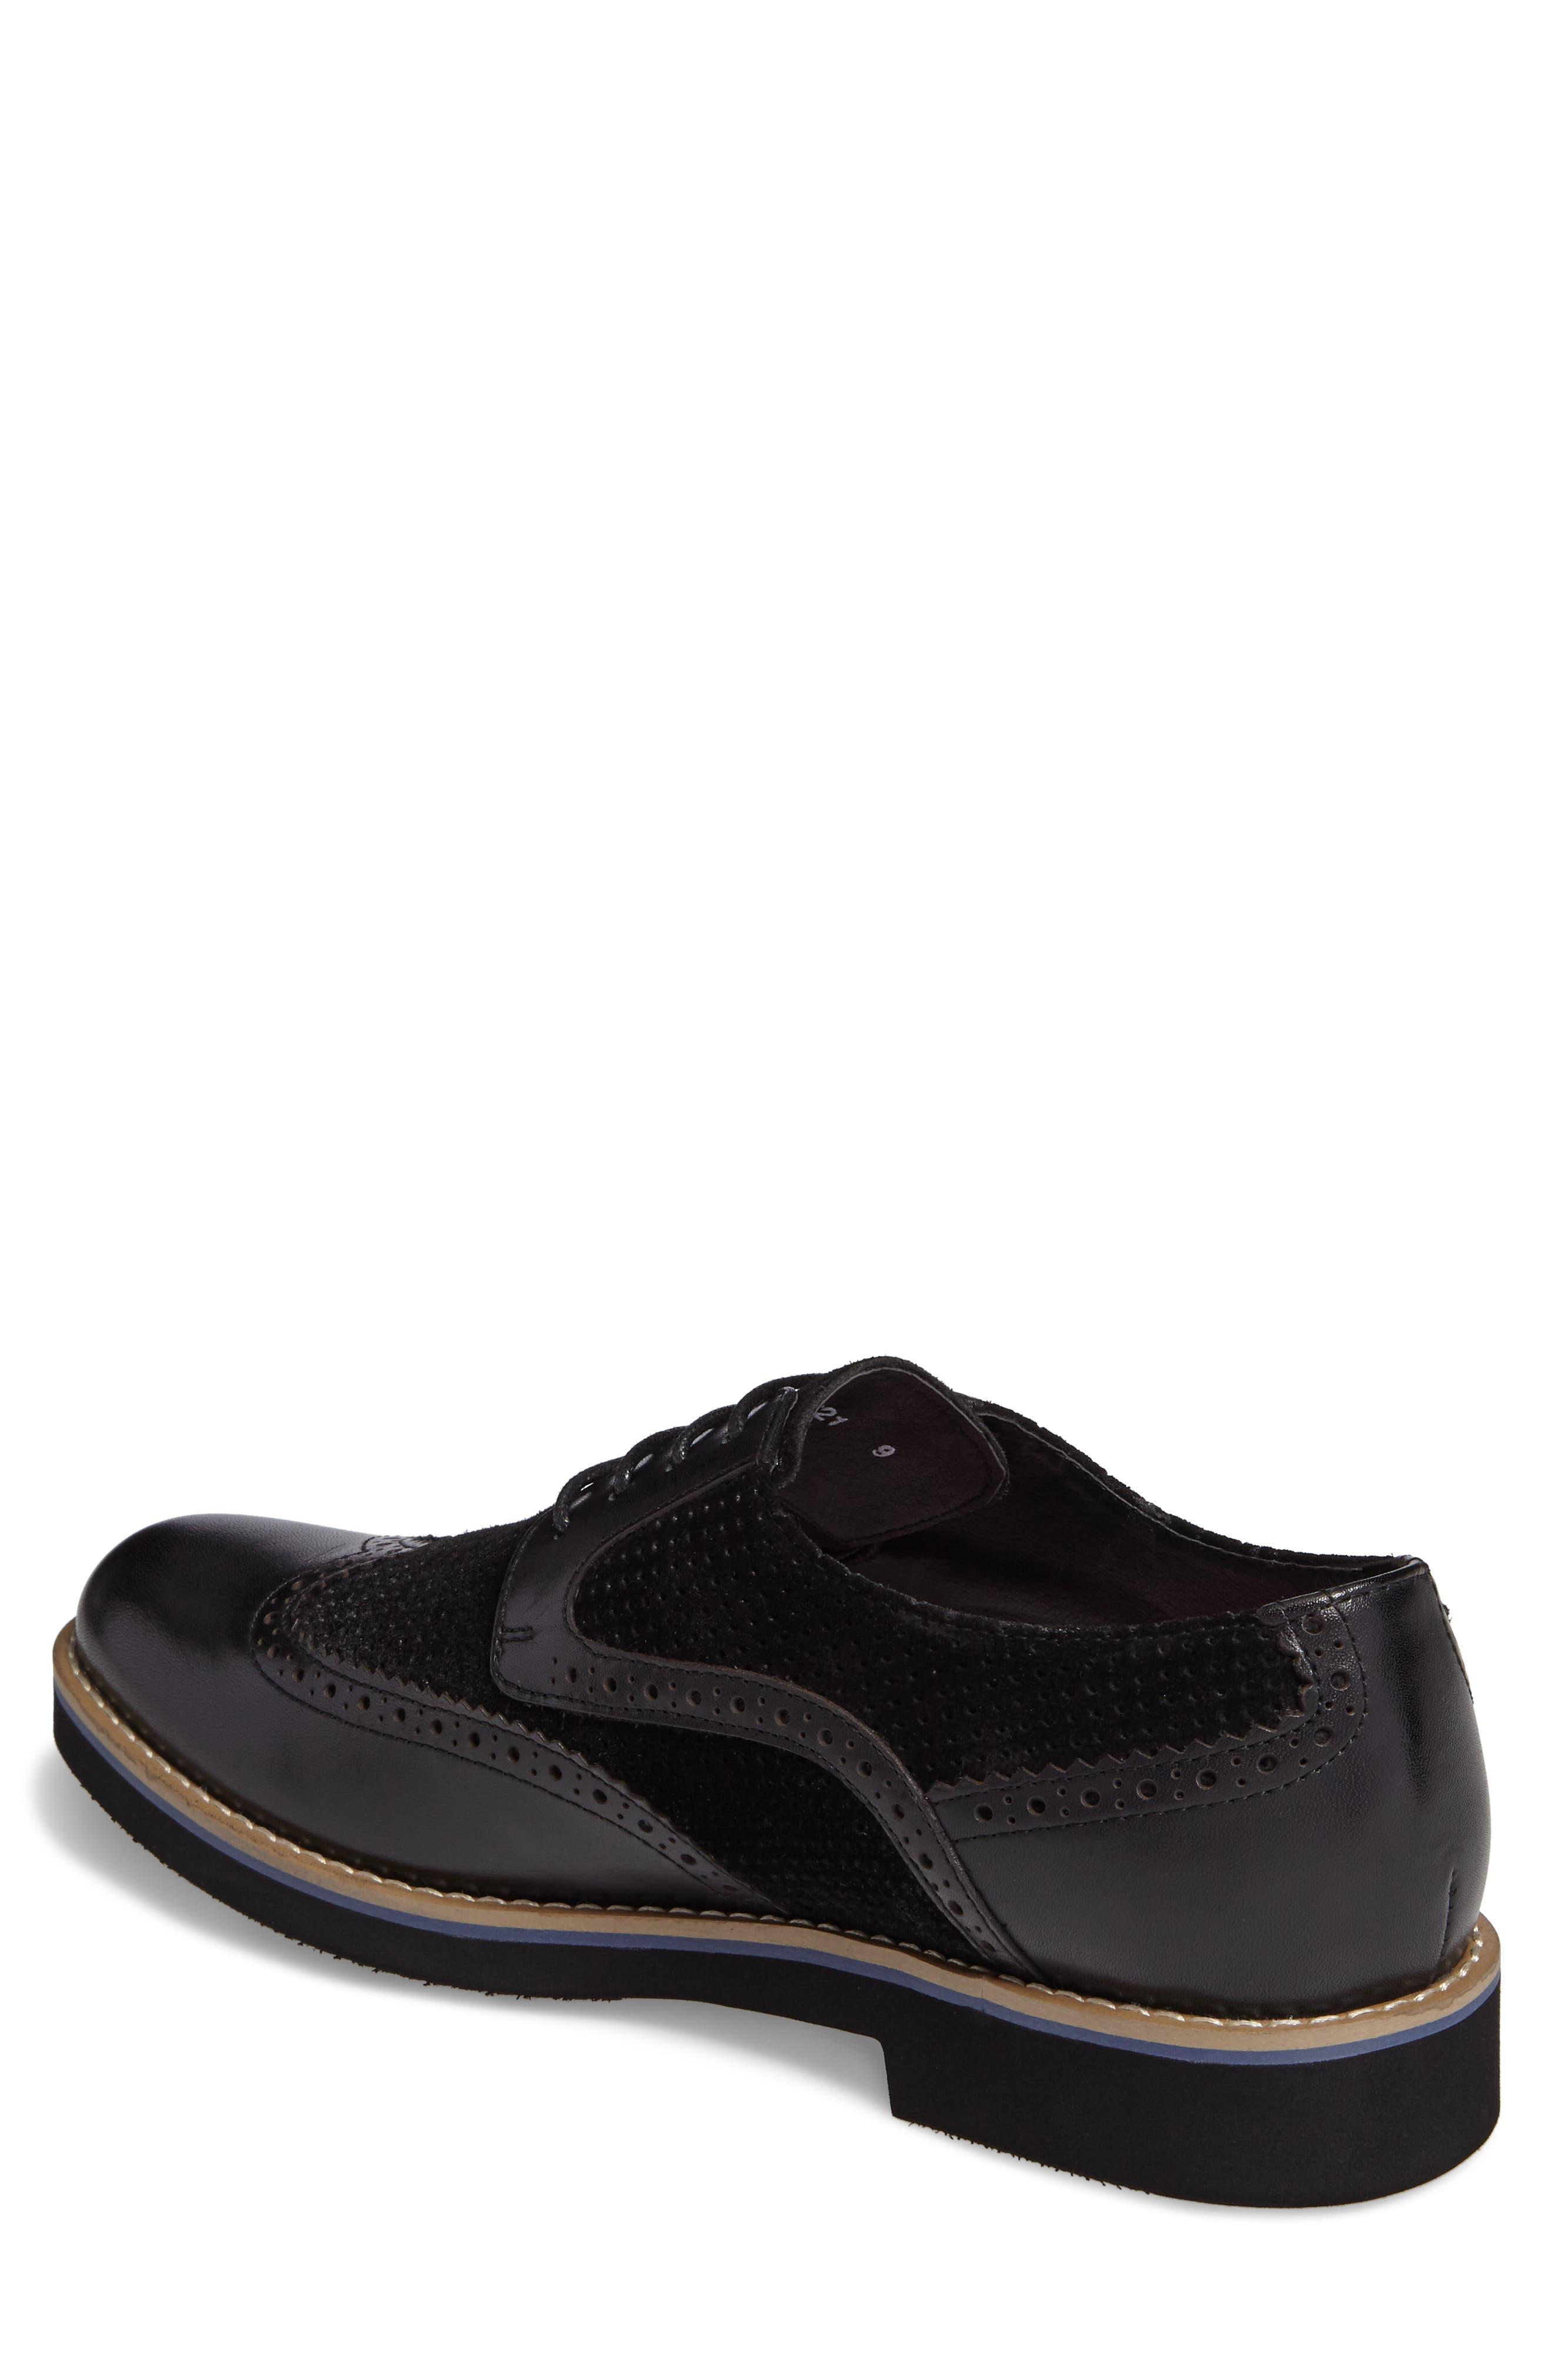 Alternate Image 2  - English Laundry Maritime Spectator Shoe (Men)